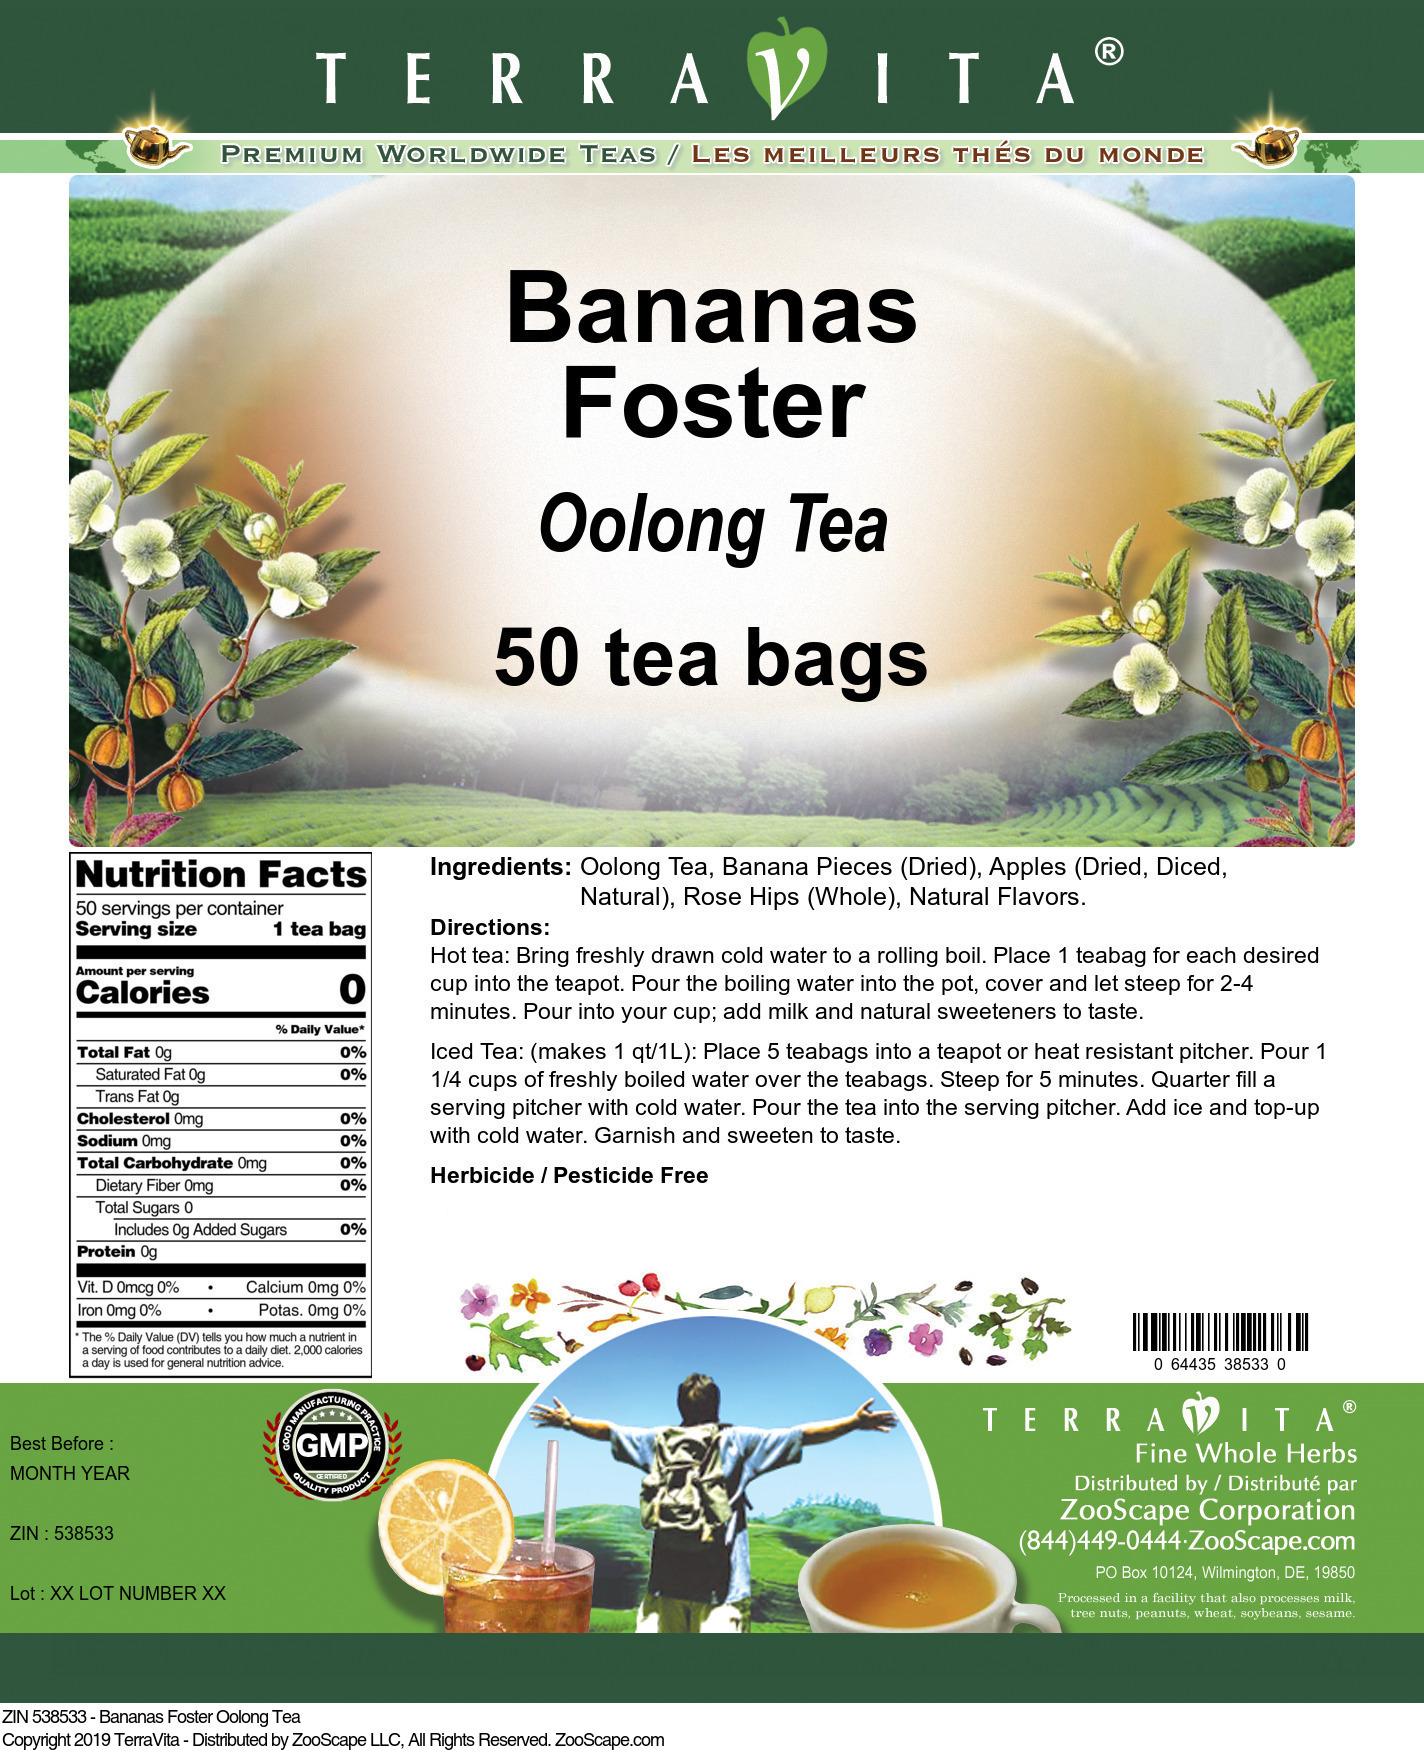 Bananas Foster Oolong Tea